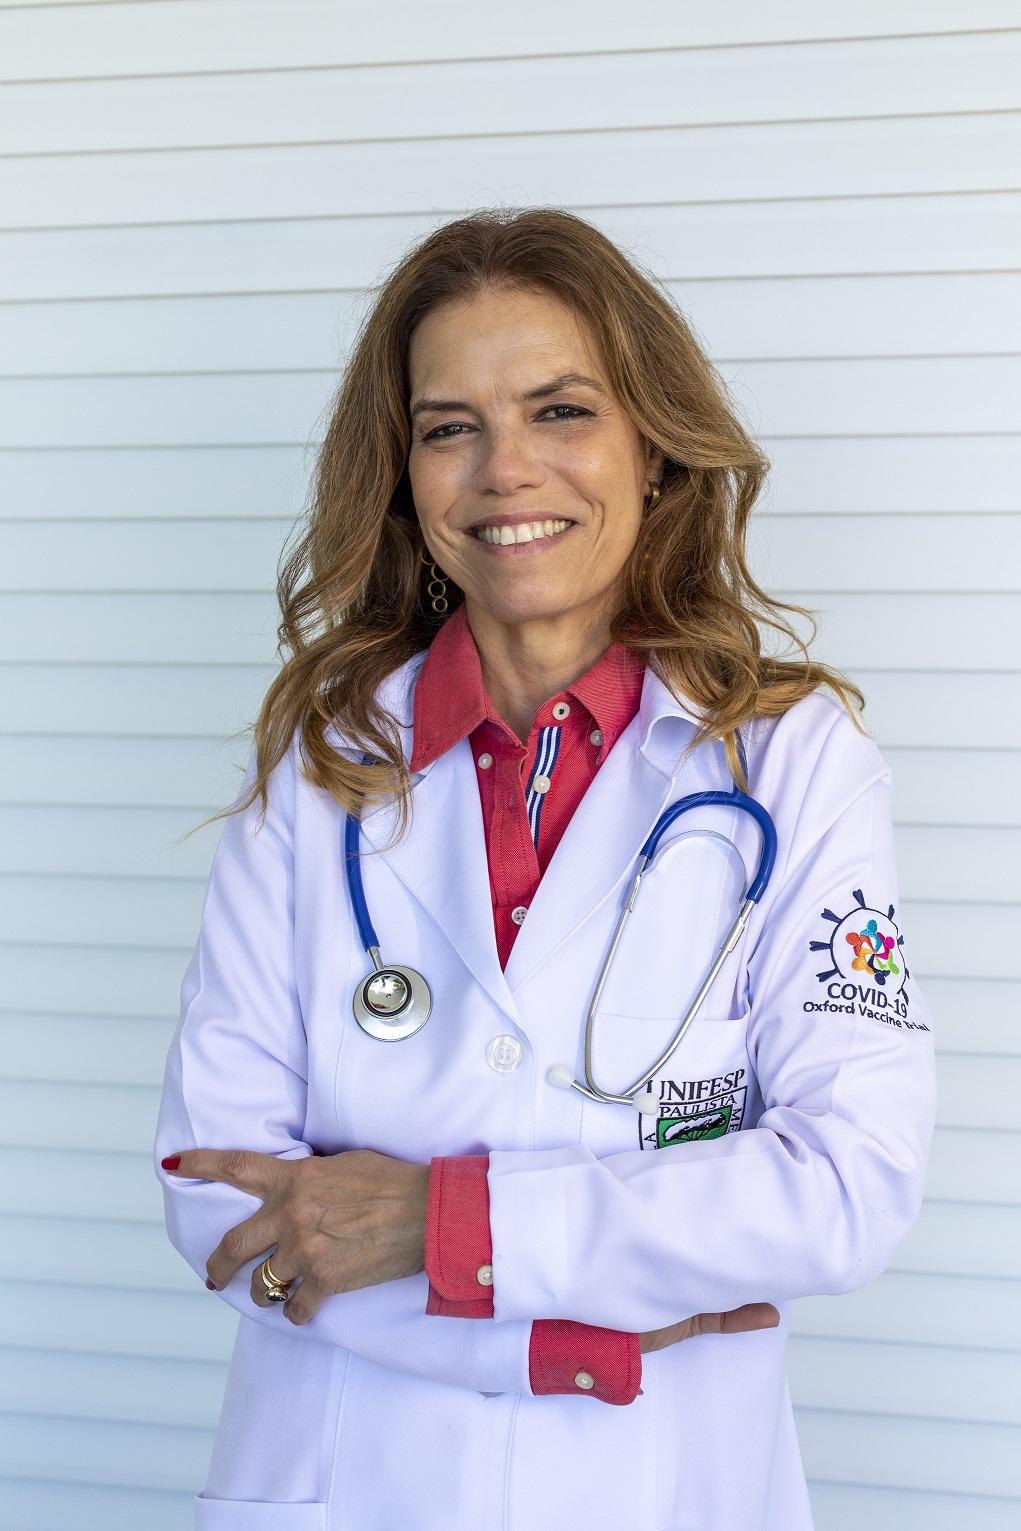 Uma das homenageadas pela campanha é a cientista carioca Sue Ann Costa Clemens. Ela coordenou a força-tarefa responsável pelos testes clínicos da vacina contra o rotavírus em 2005, recrutando mais de 60 mil voluntários na América Latina em seis meses